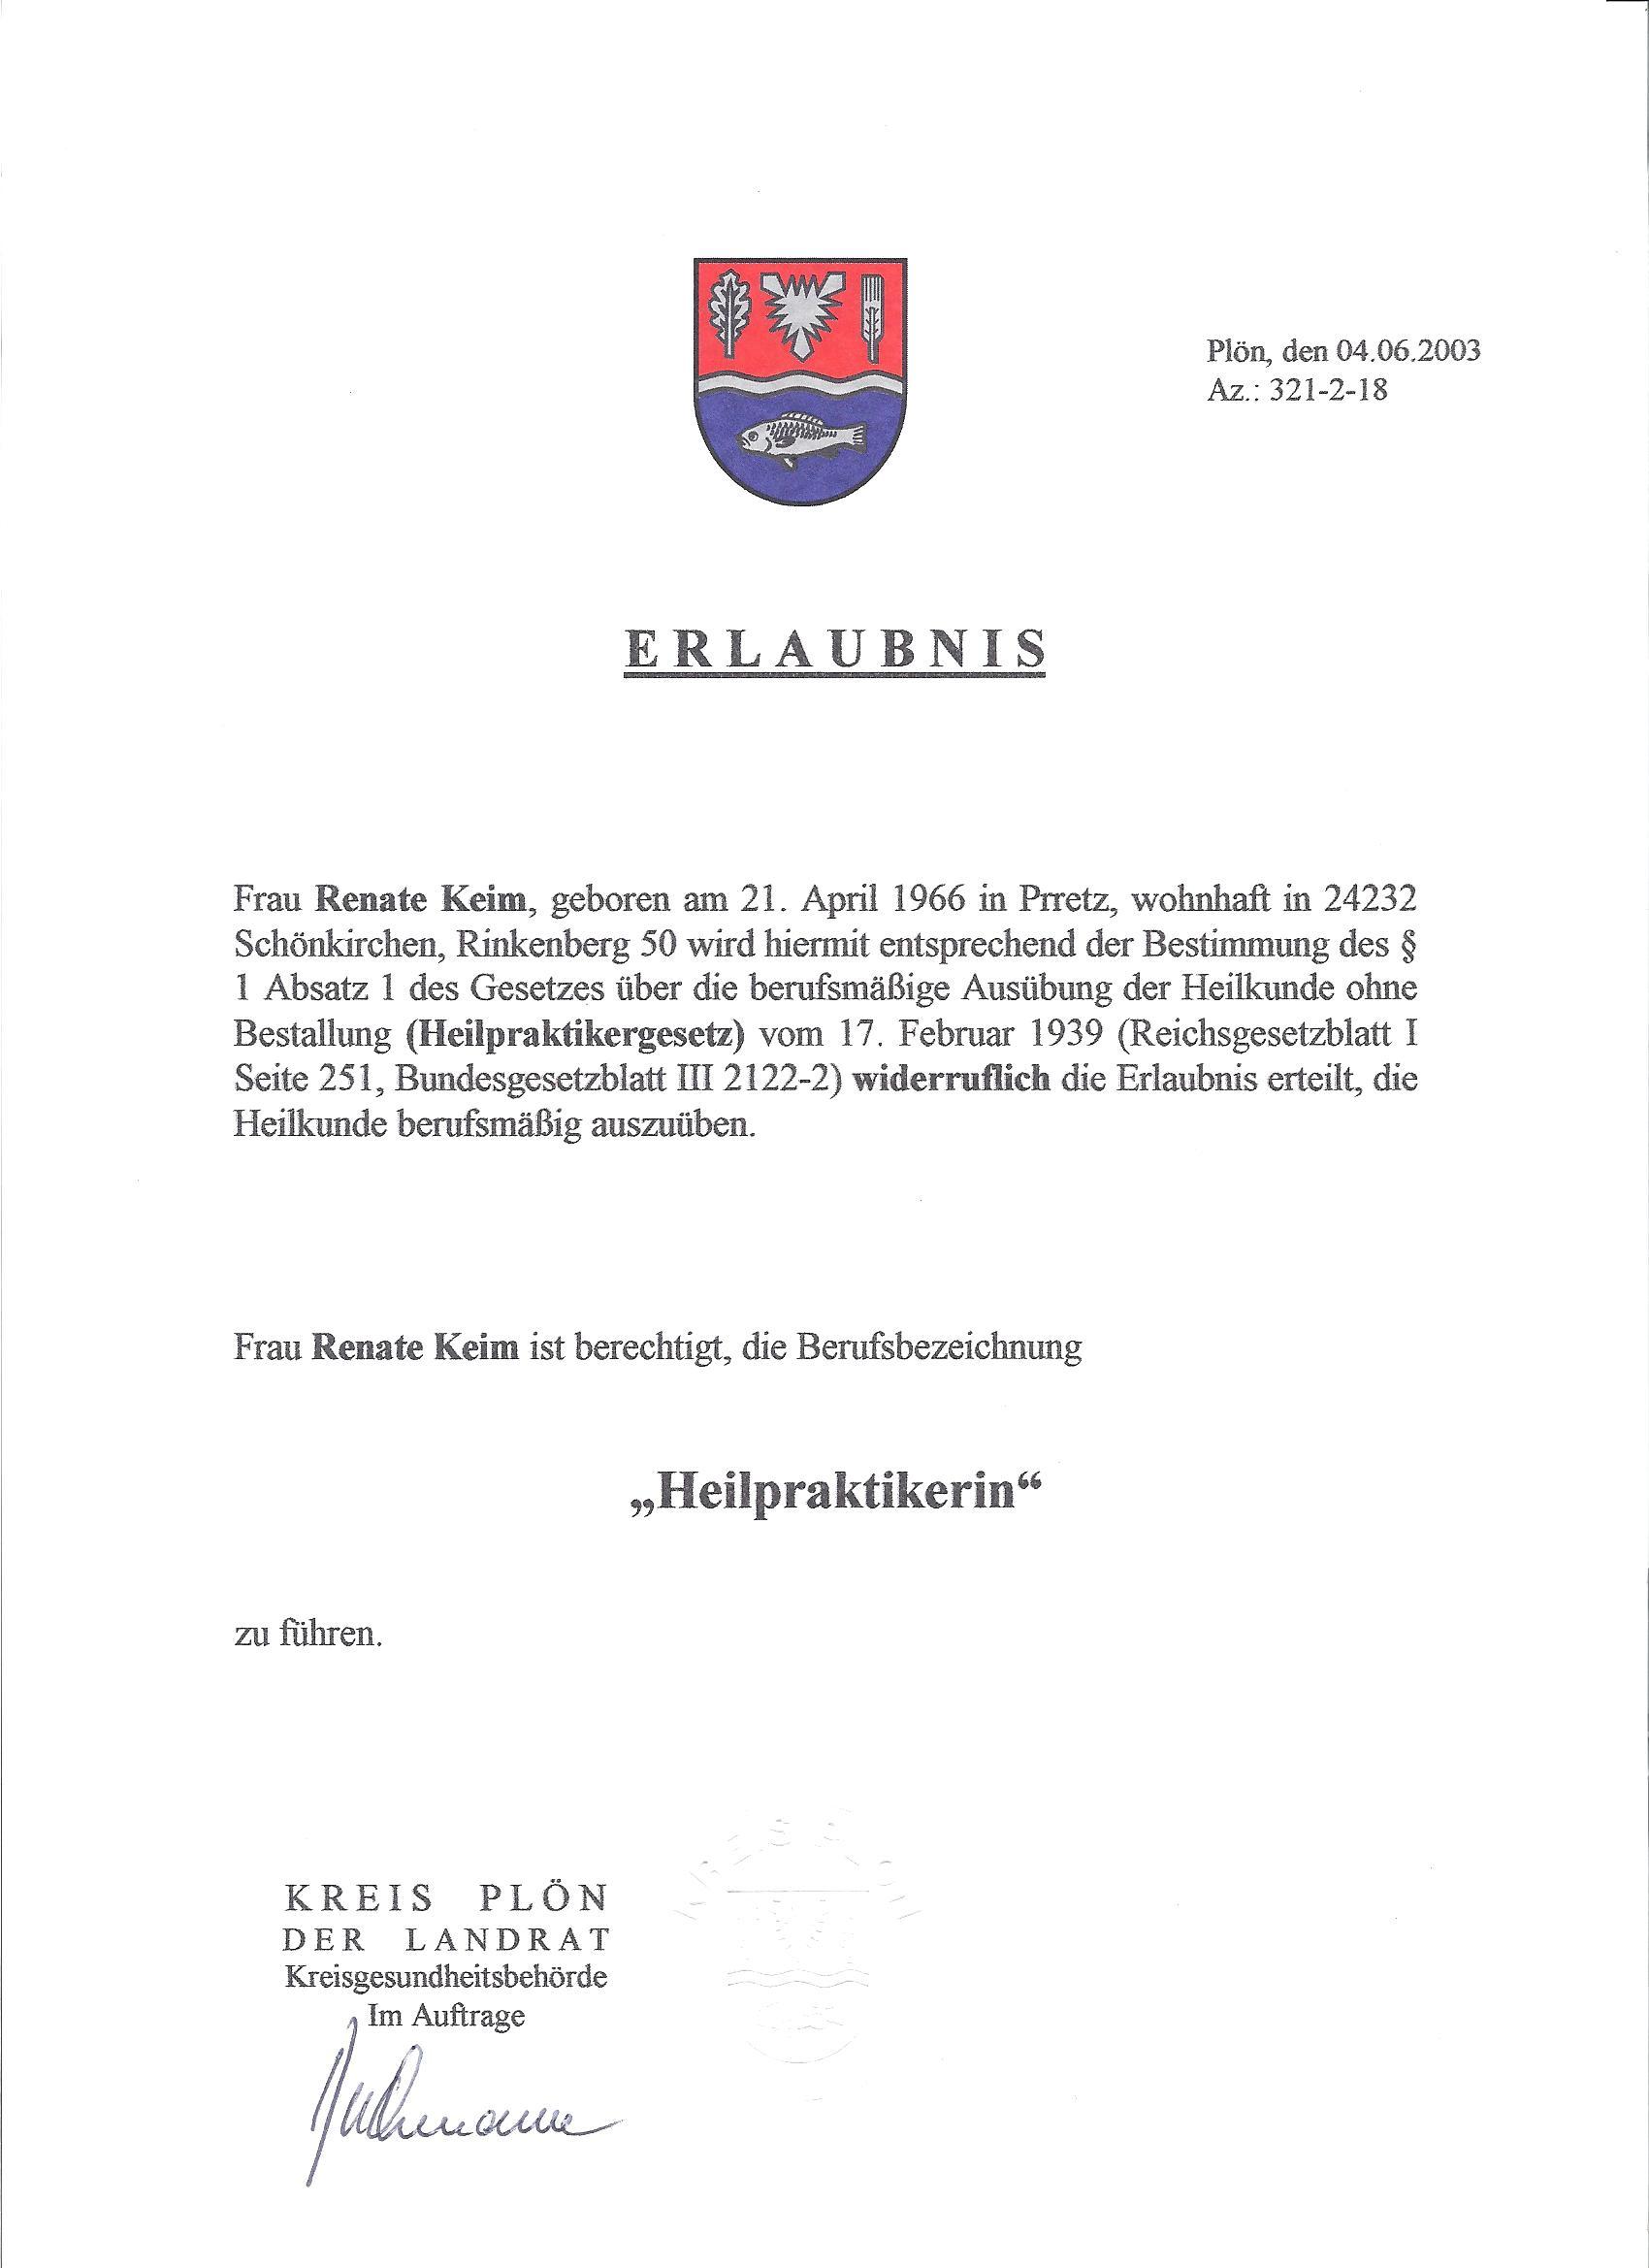 Urkunde Heilpraktiker 06/03